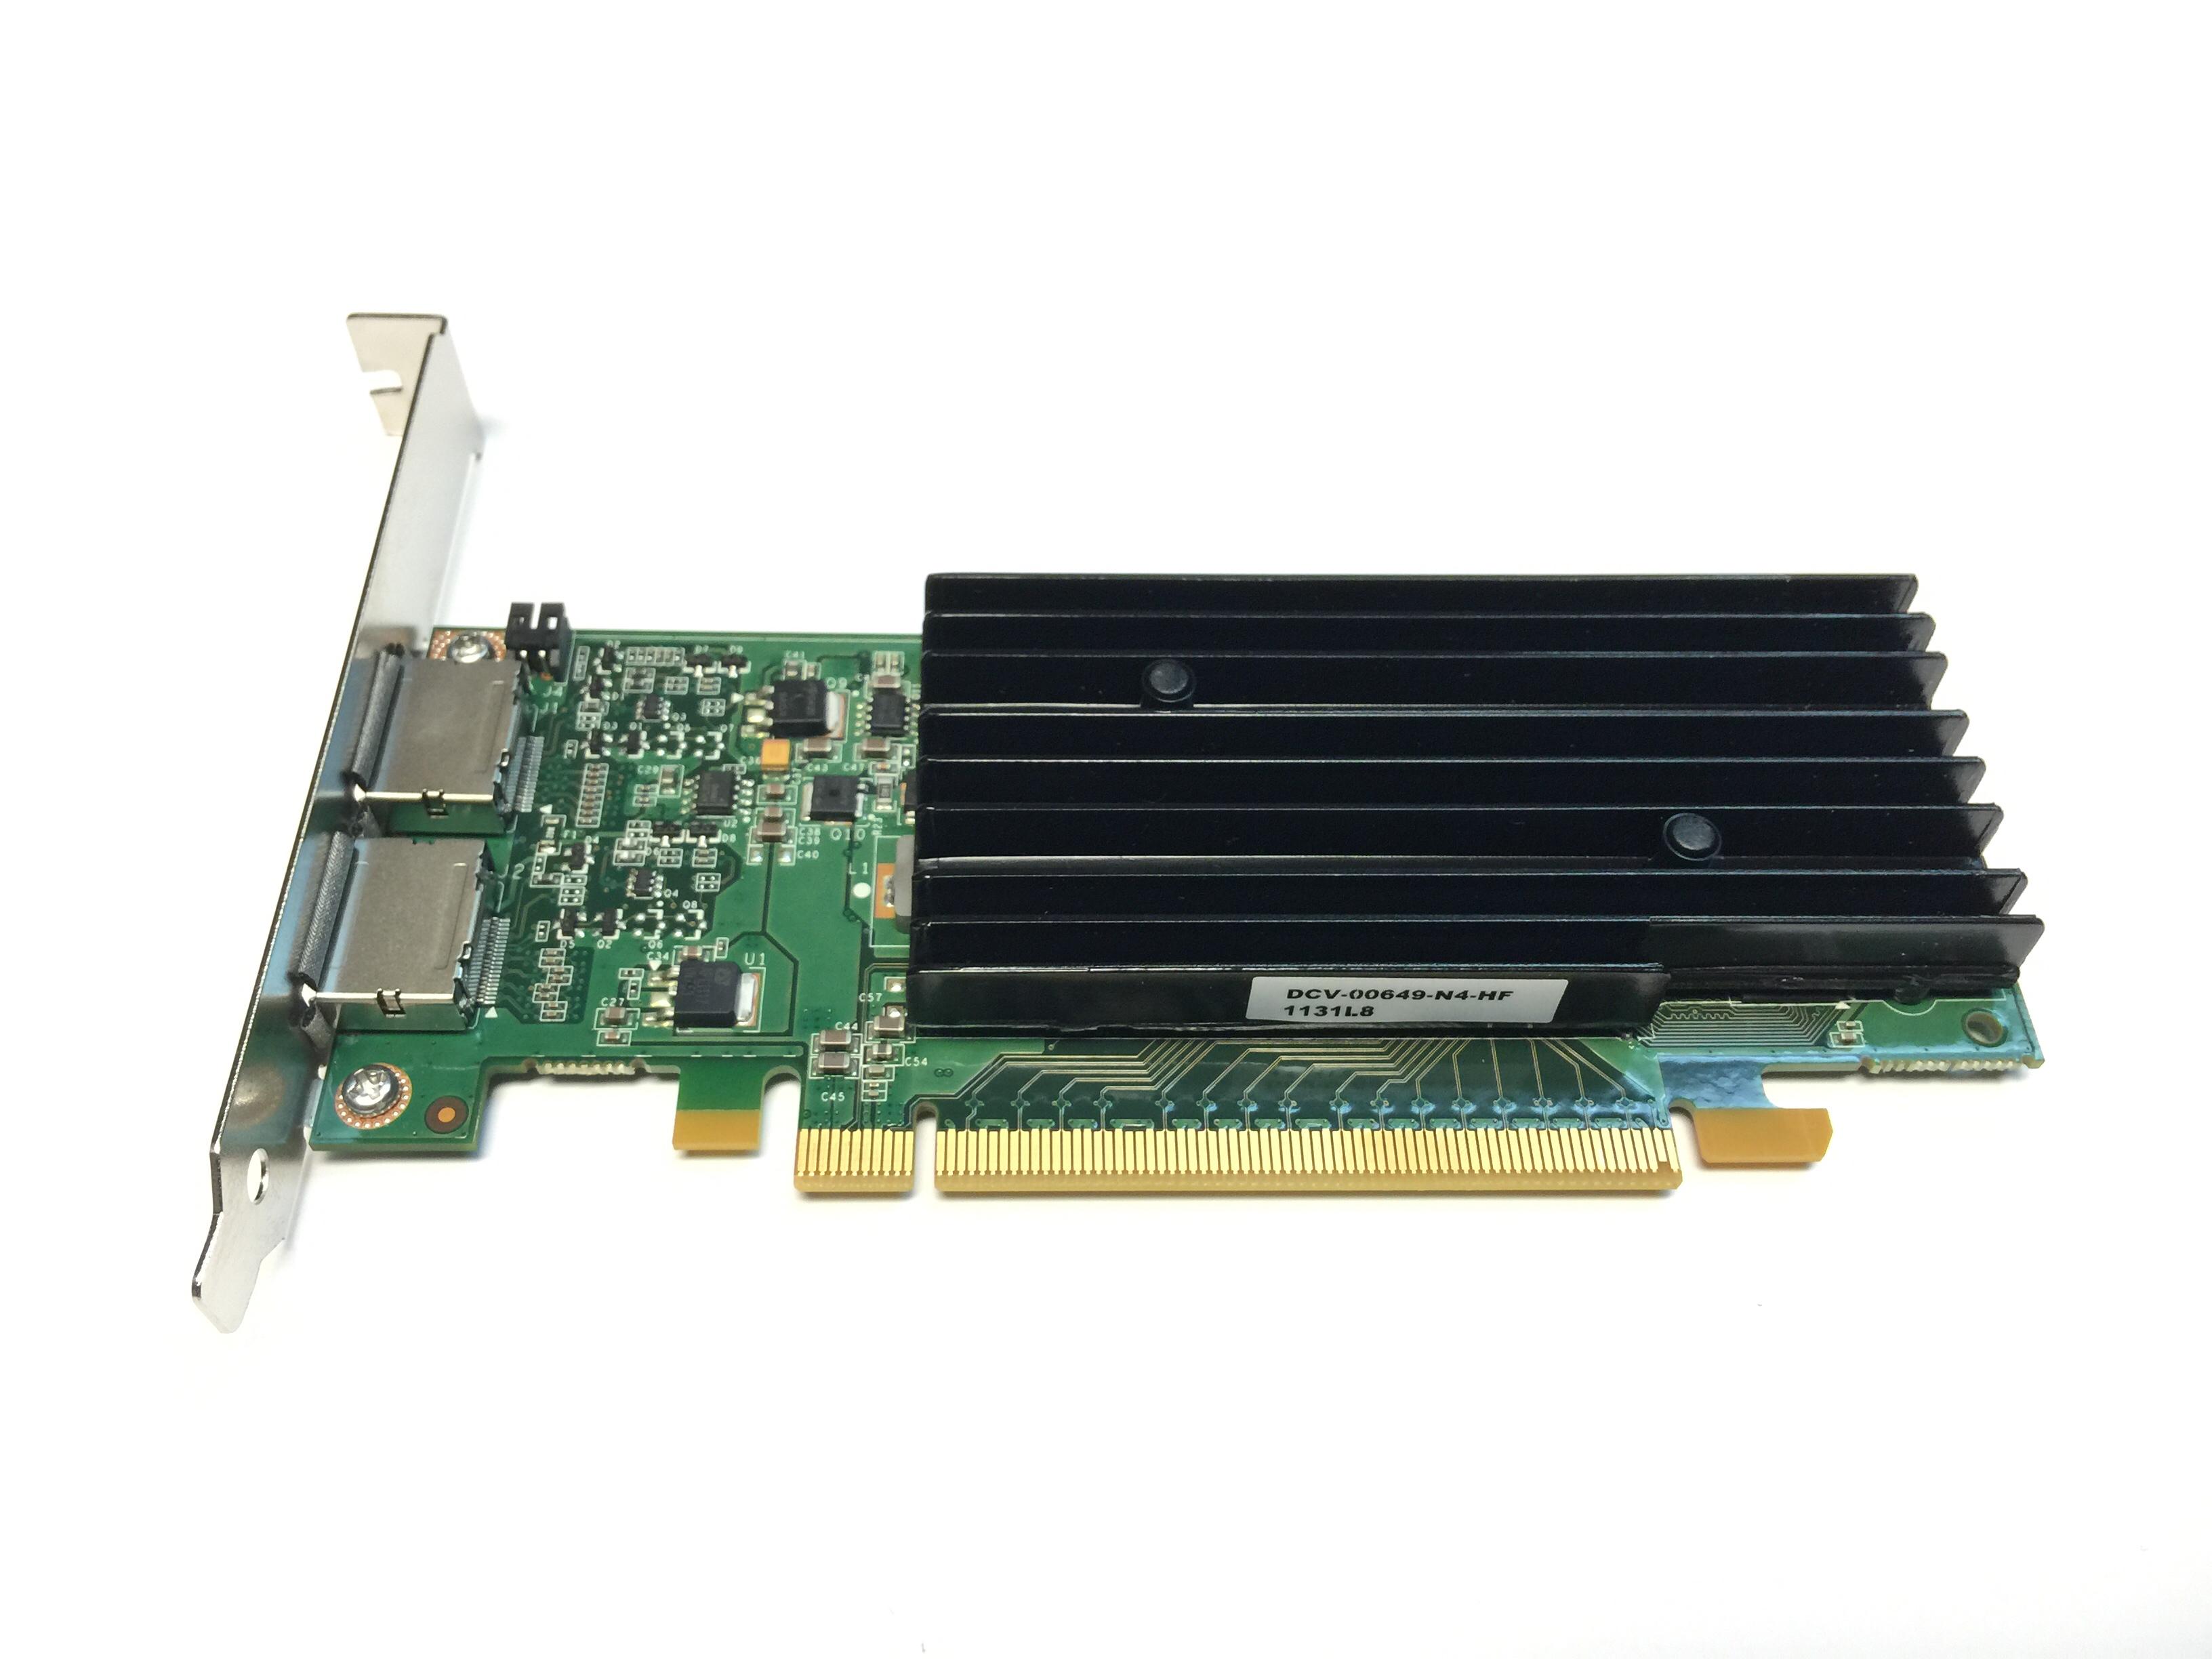 DELL NVIDIA QUADRO NVS 295 256MB PCI-E VIDEO CARD (X175K)